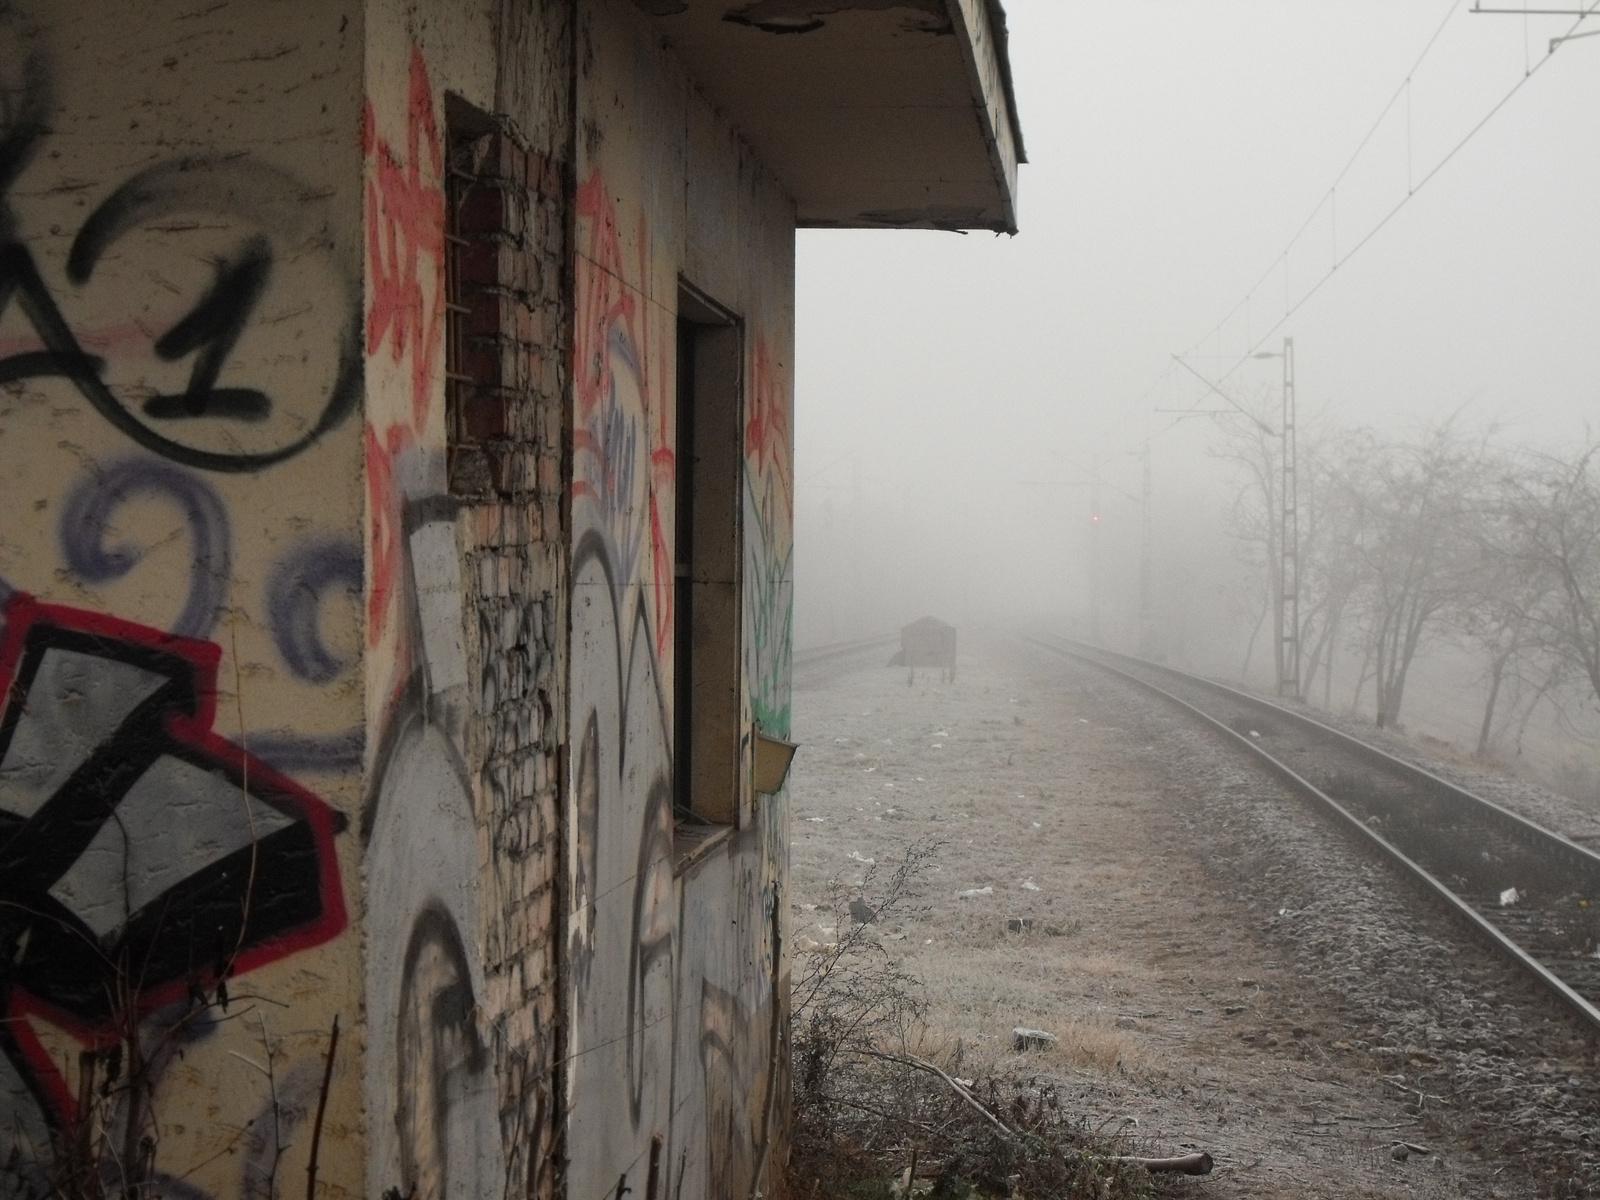 Előtérben a jelen,a jövő a ködbe vész...